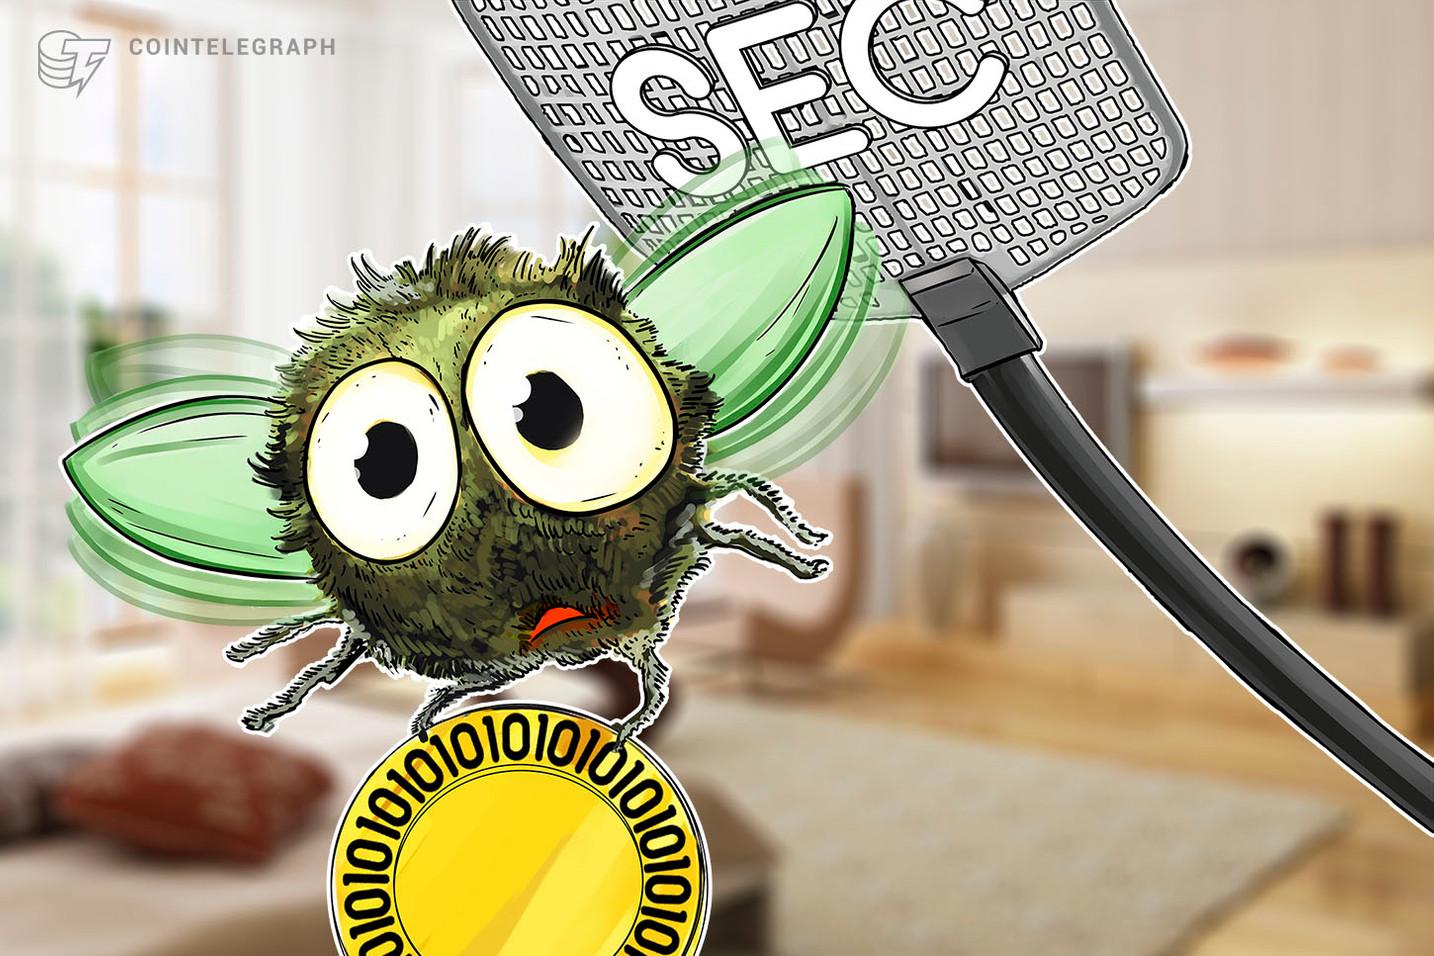 USA: SEC-Vorladung für Krypto-Unternehmen Riot Blockchain